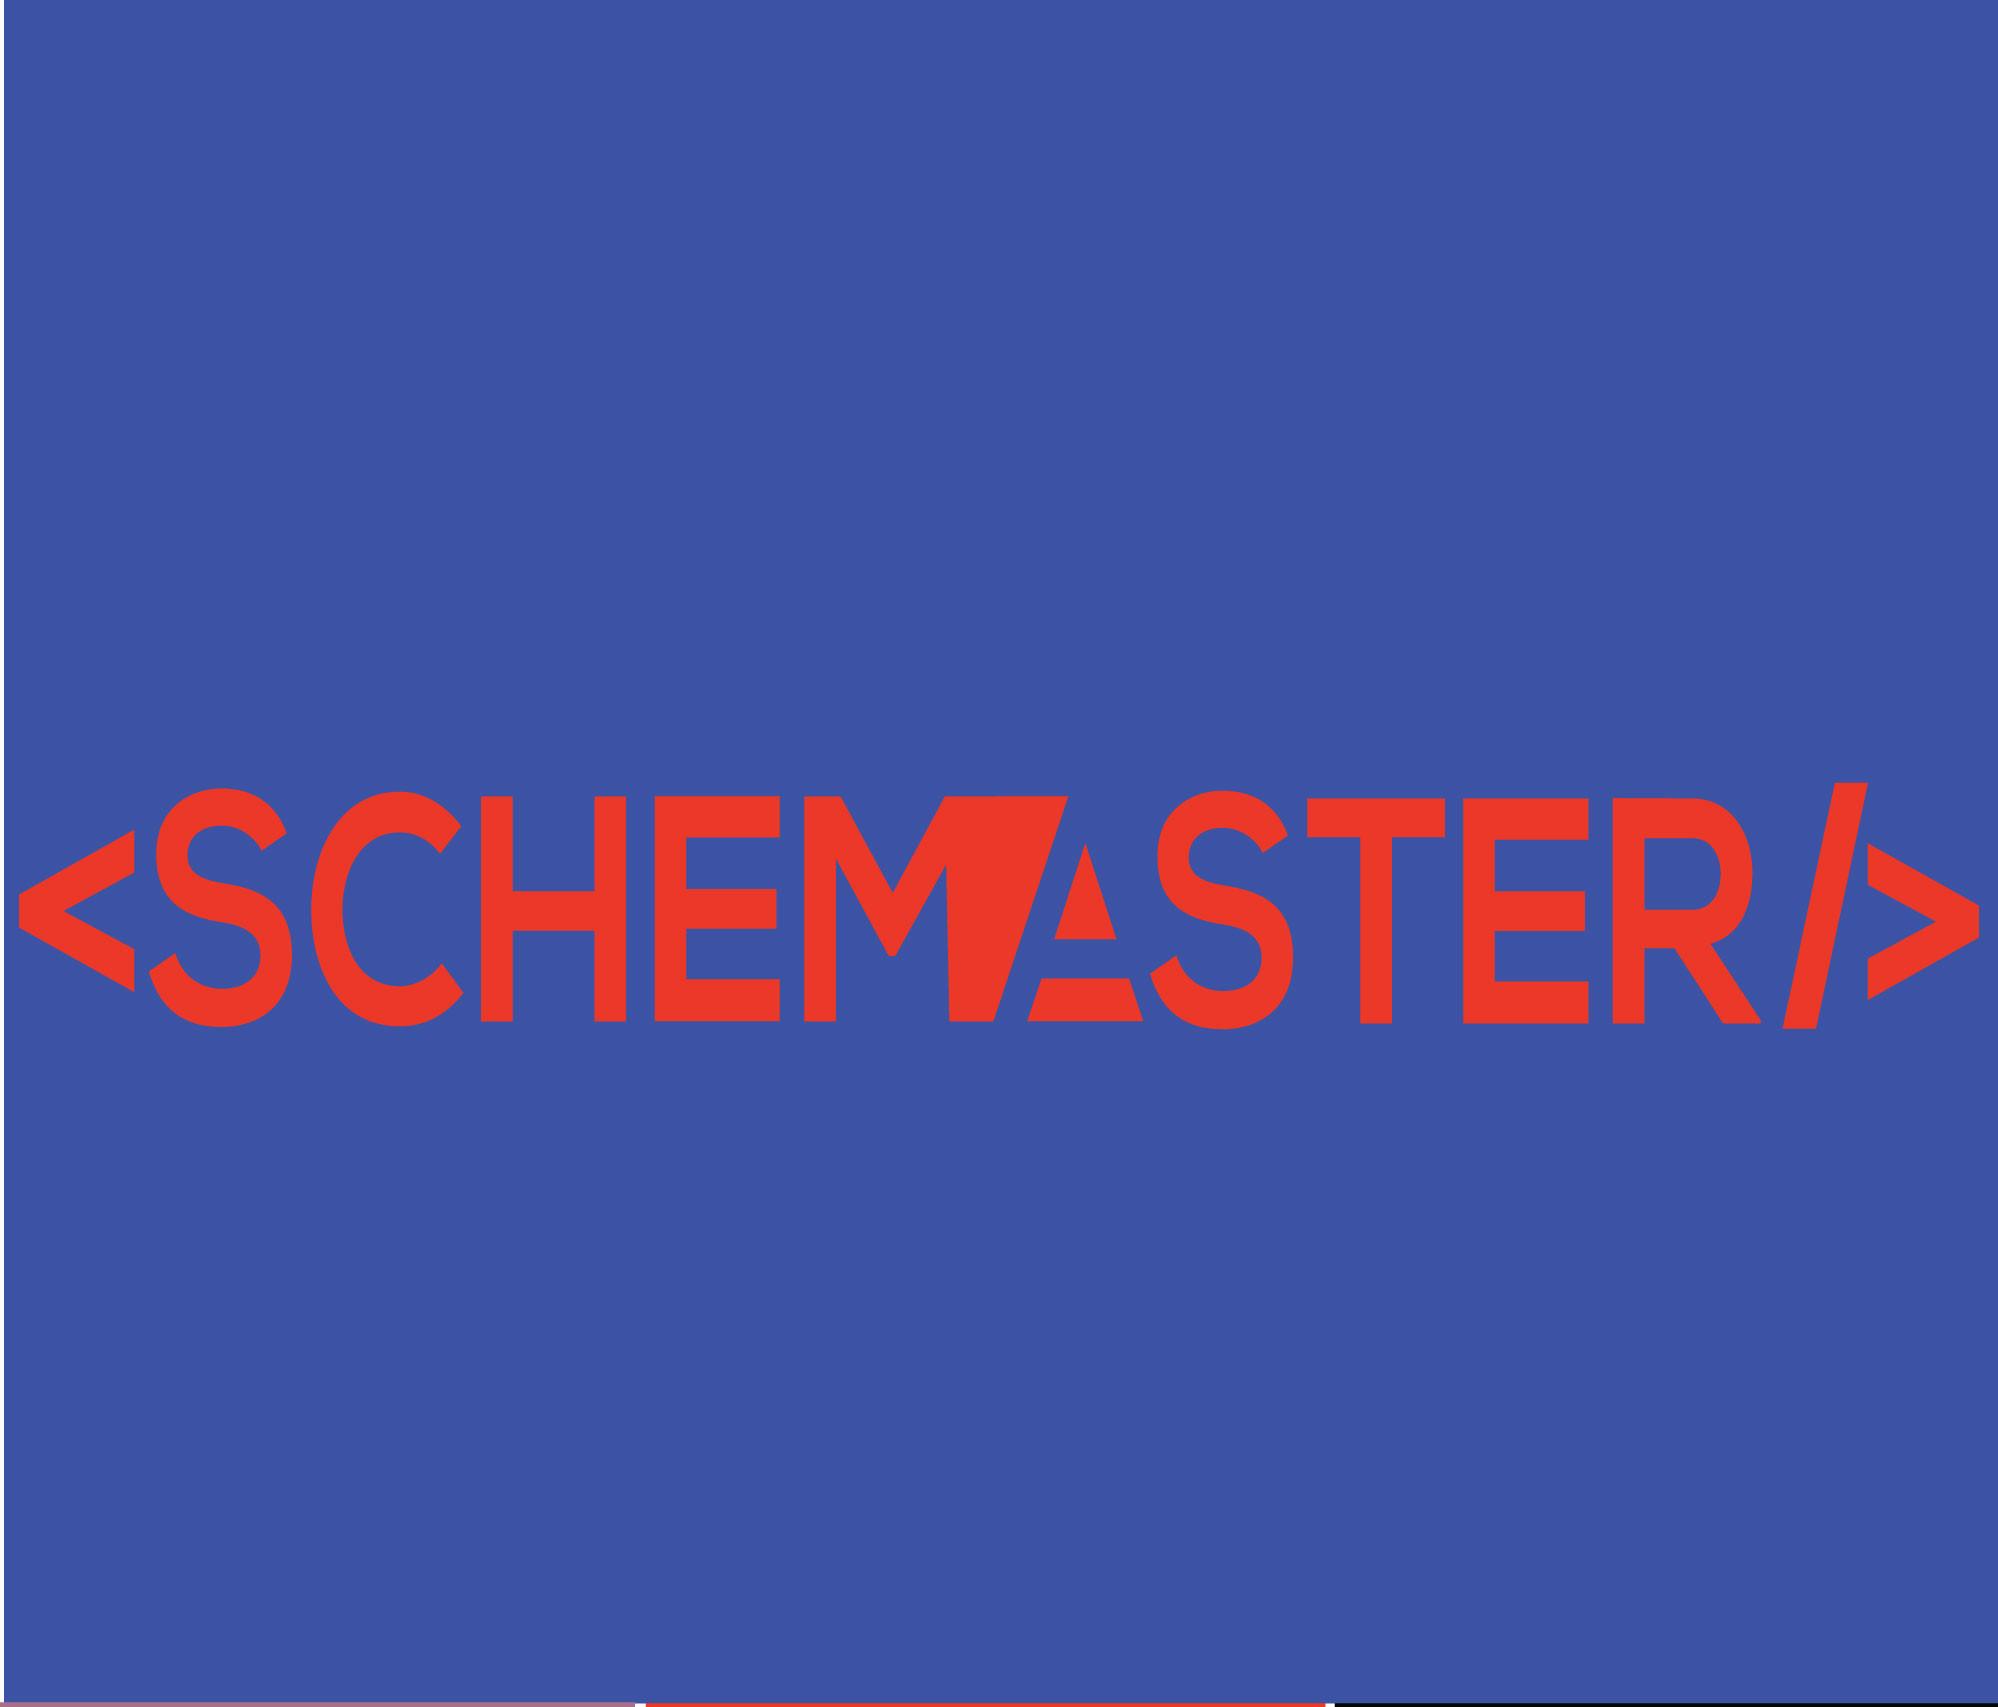 Schemaster